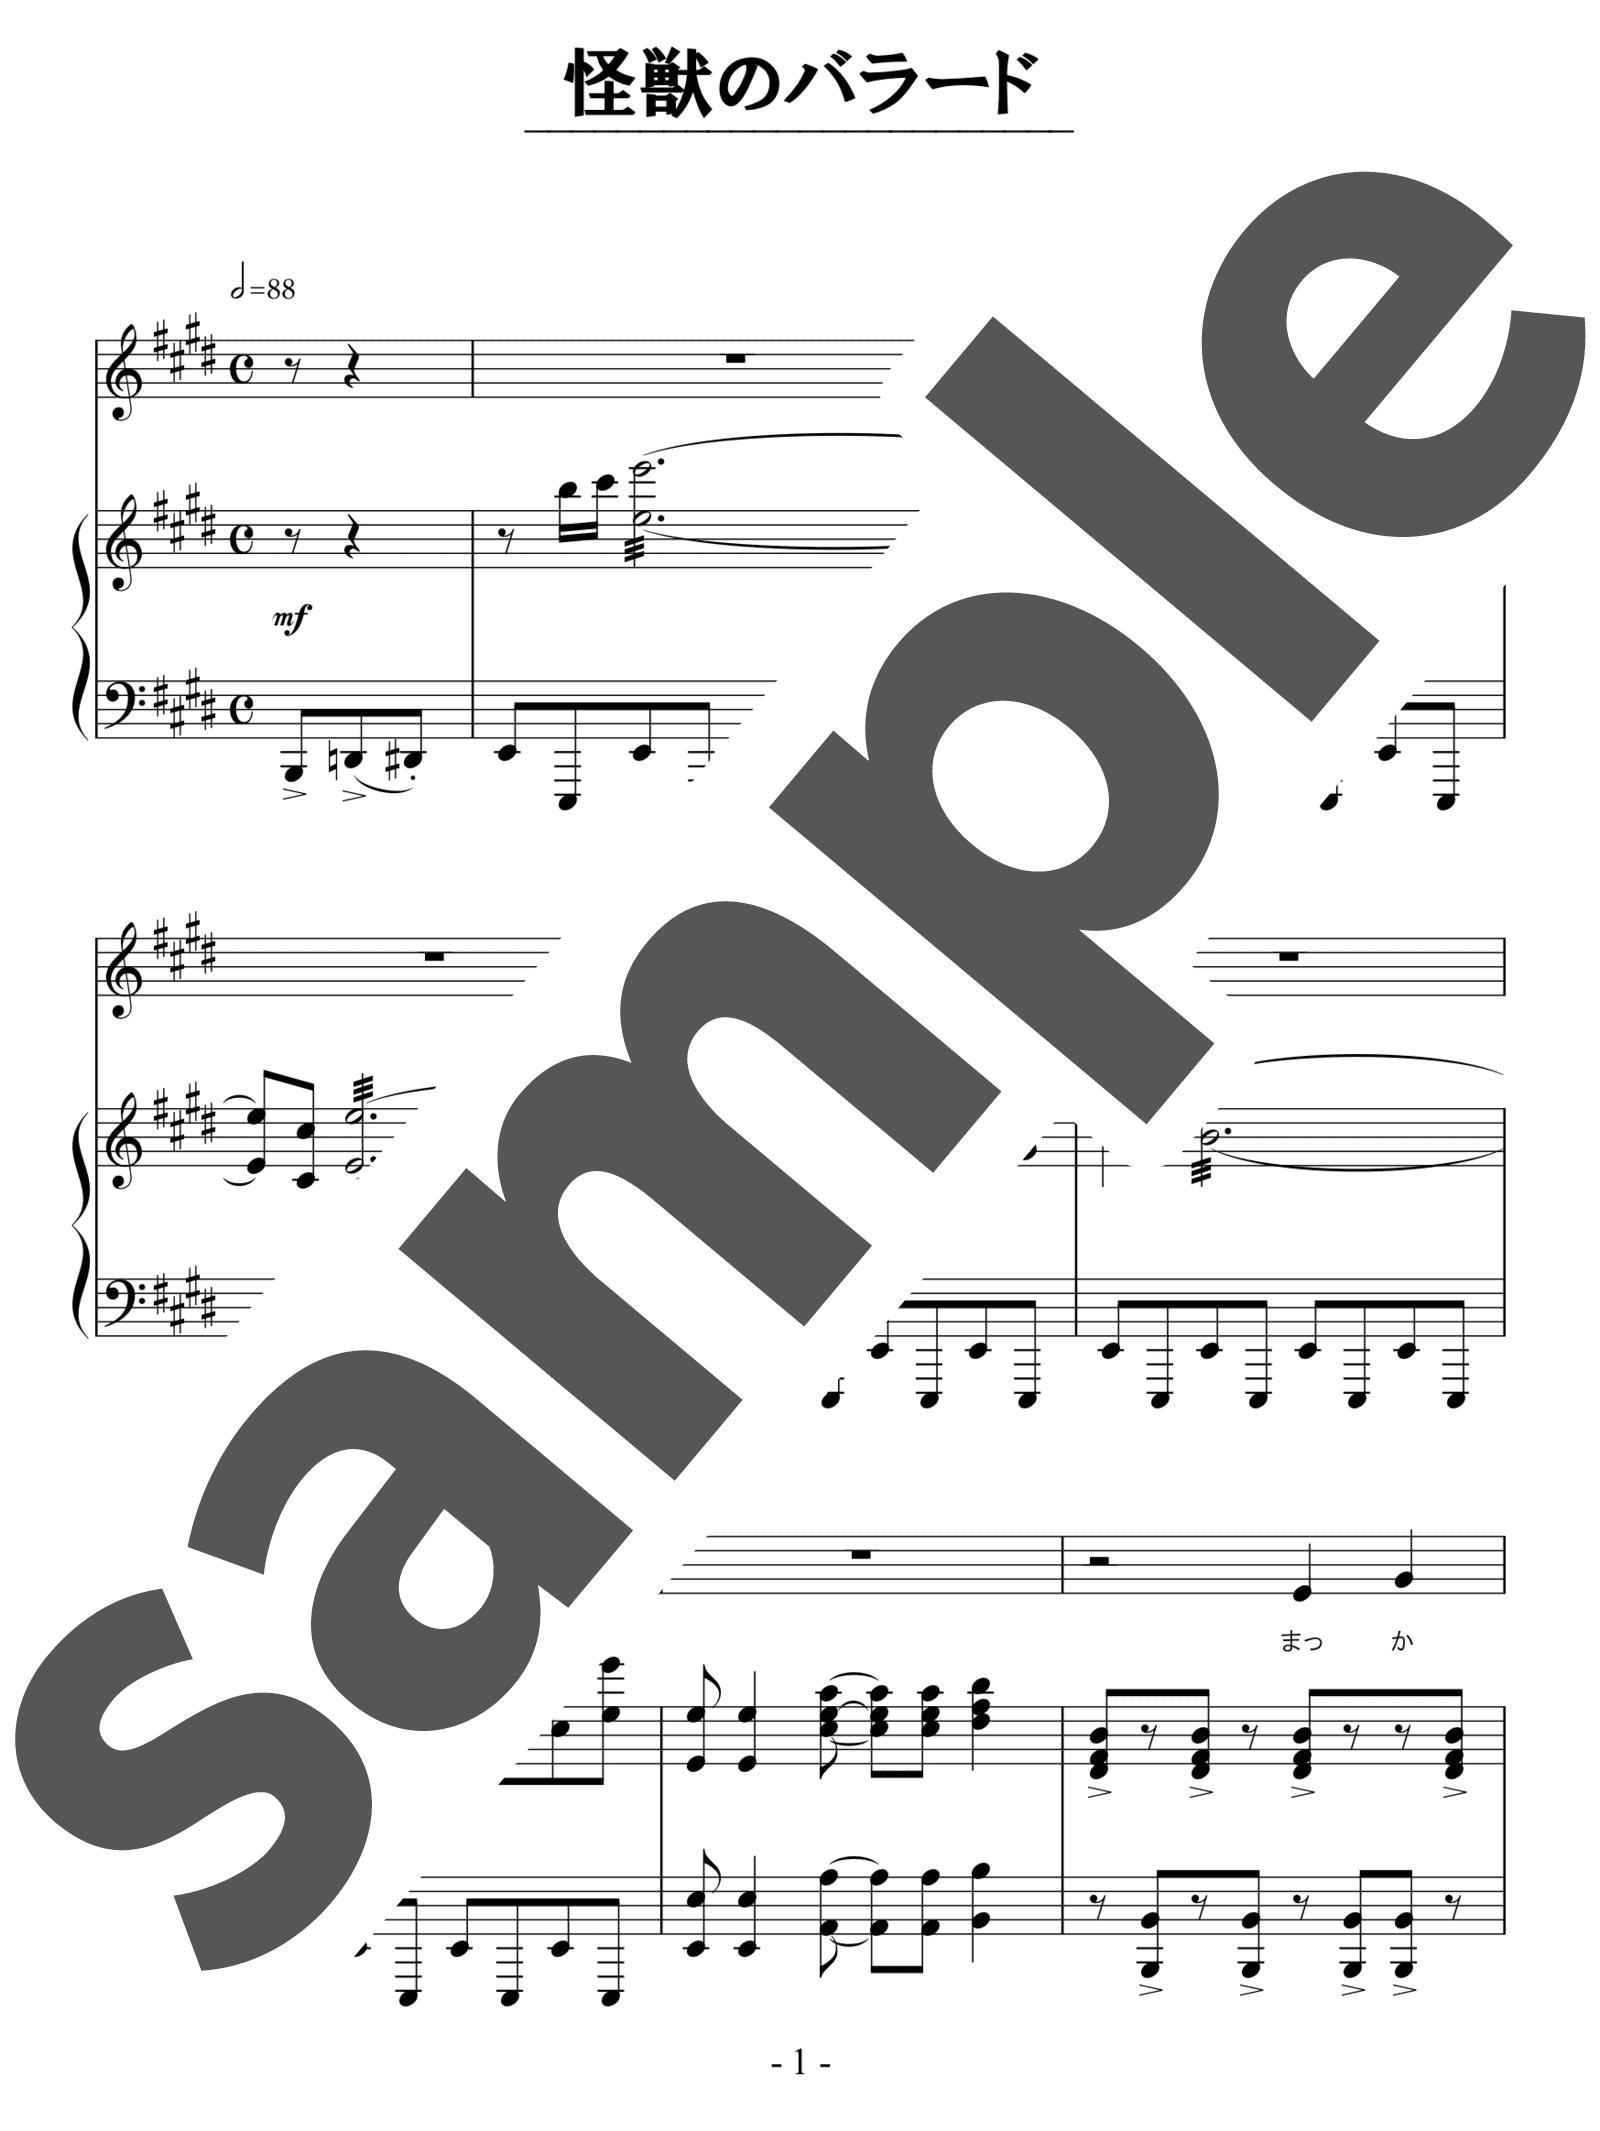 「怪獣のバラード」のサンプル楽譜